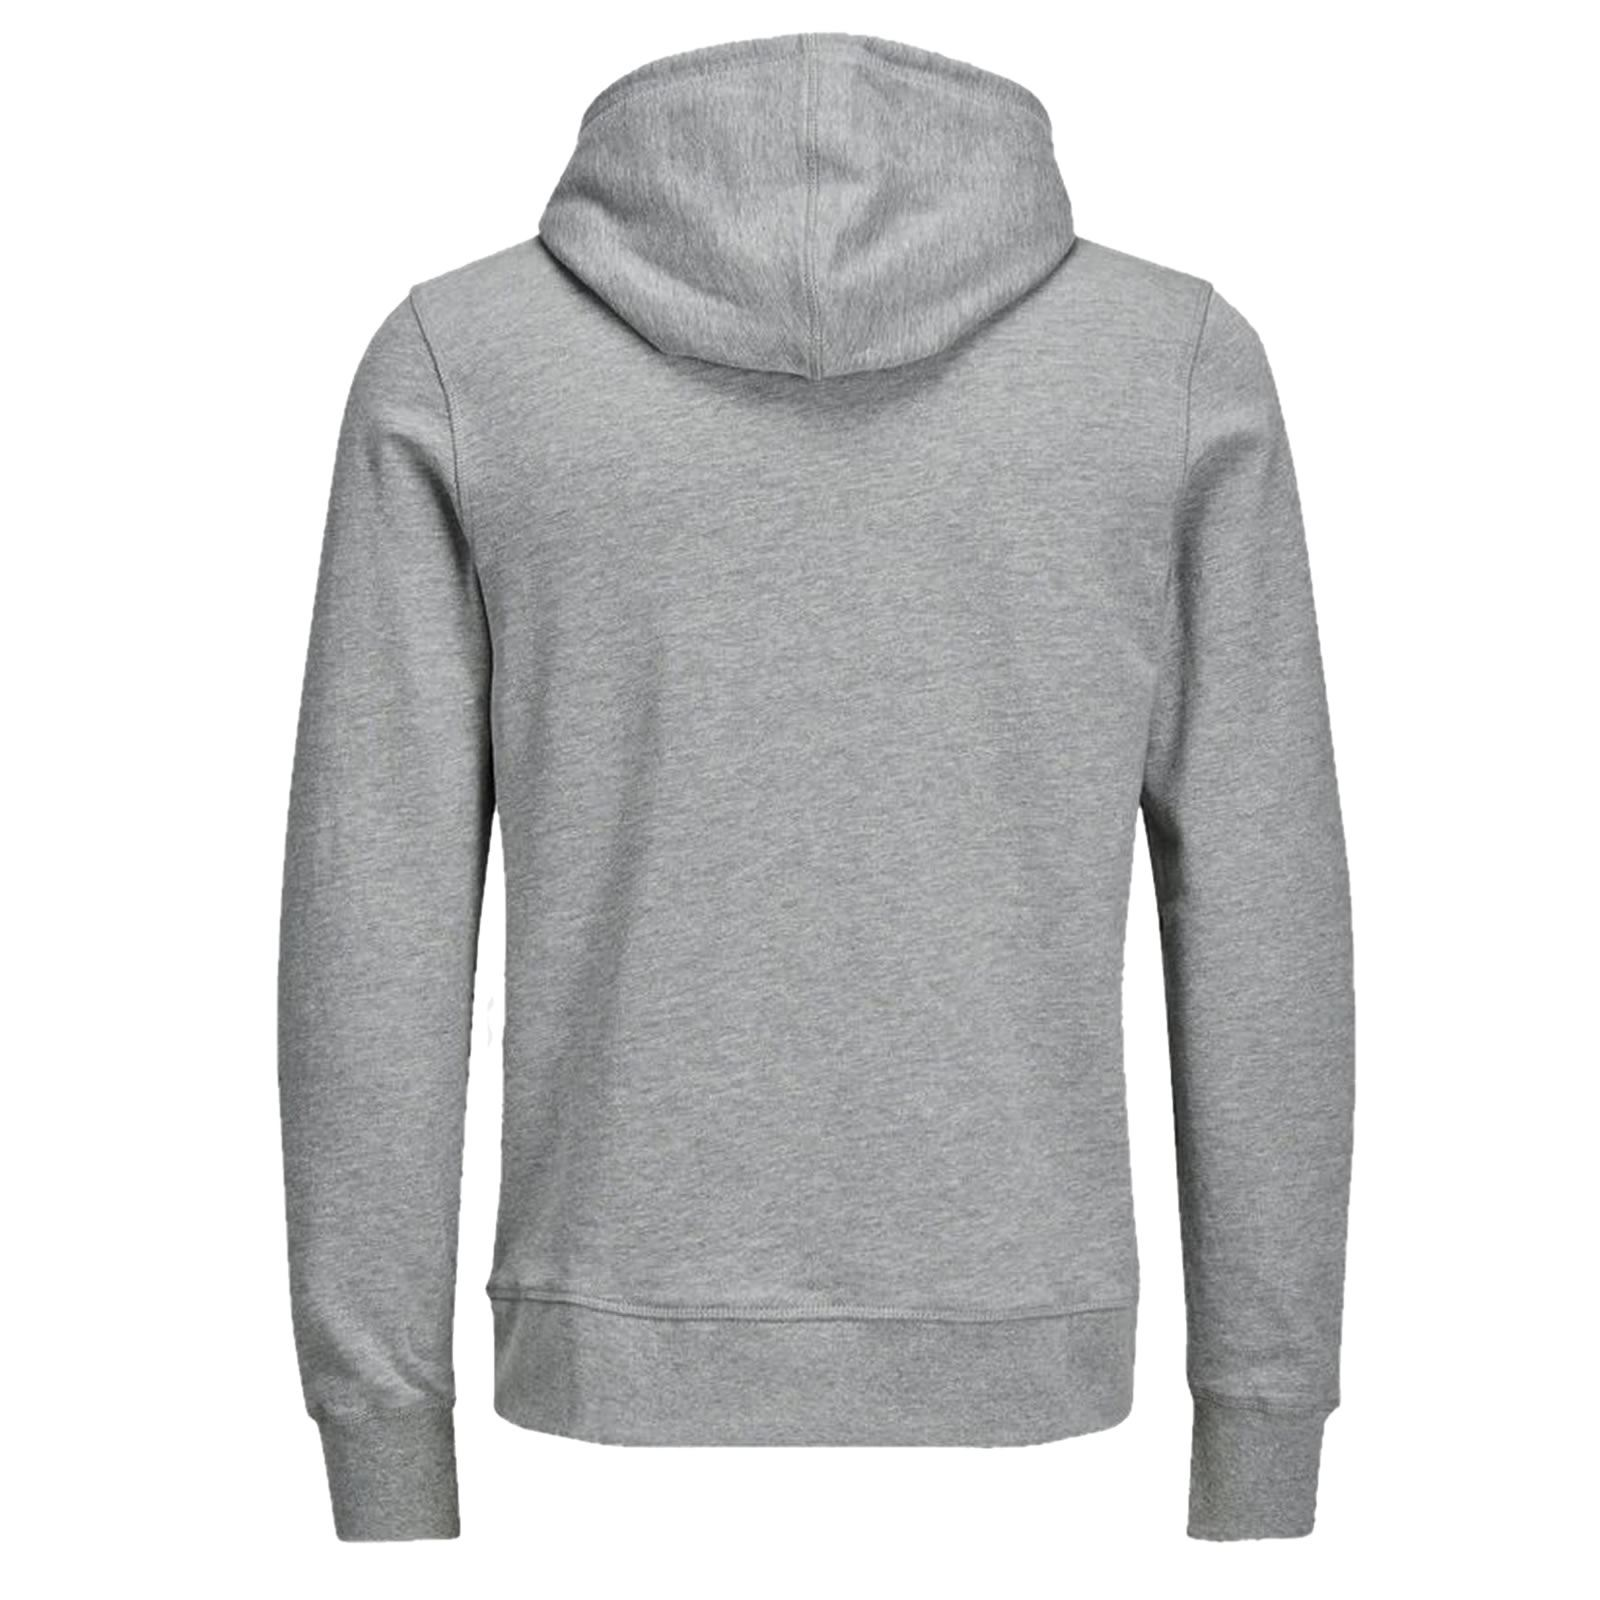 Mens Hoodie JACK /& JONES New Charles Graphic Printed Pullover Over Hood Sweat